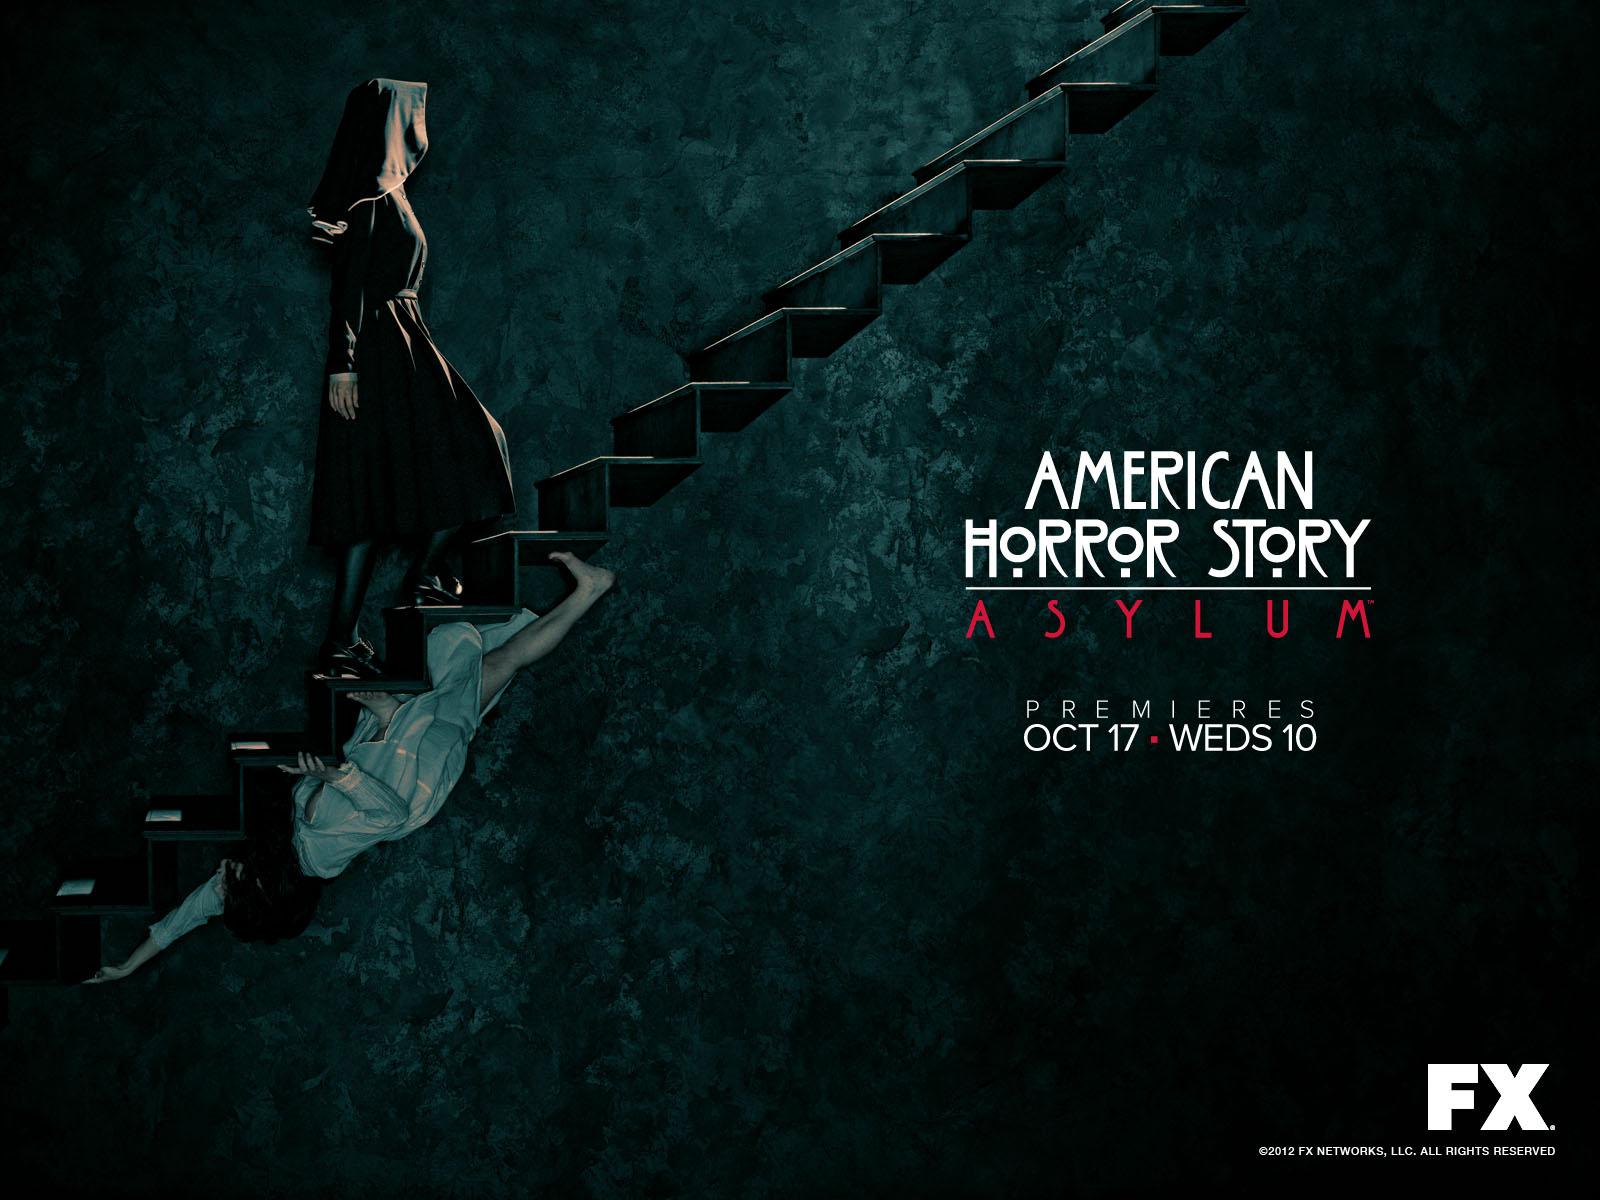 http://www.backtothegeek.com/wp-content/uploads/2012/10/american-horror-story-wallpaper-saison-2-1600x1200.jpg